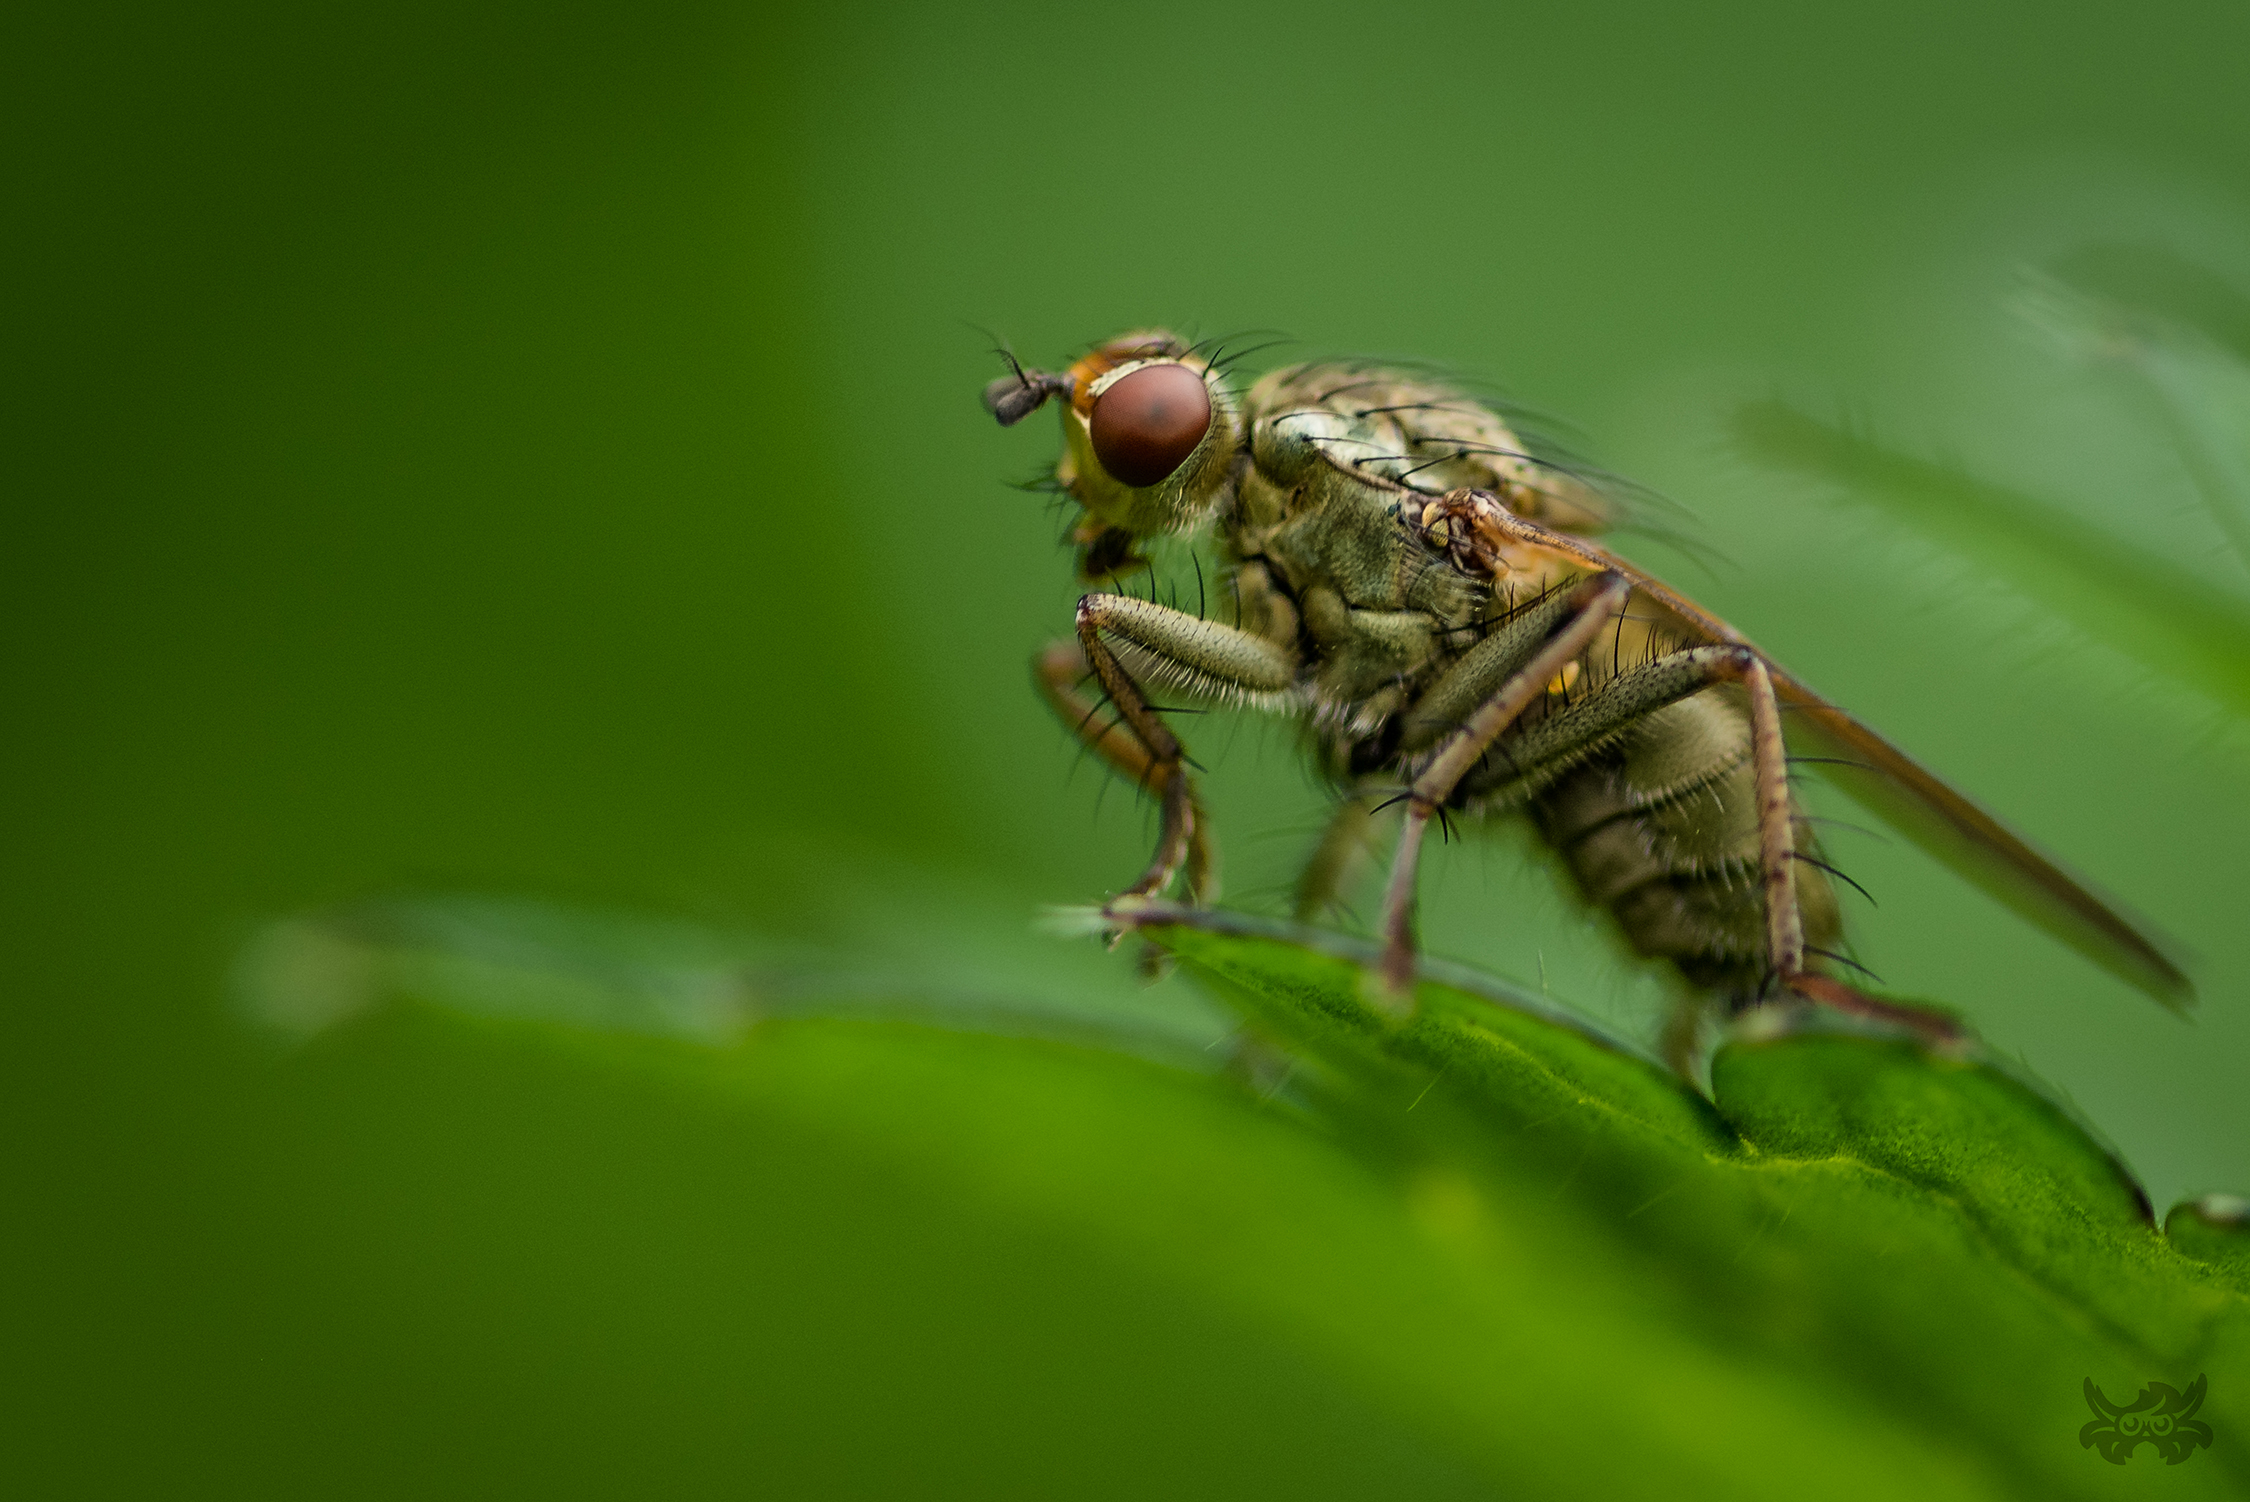 Macrophotographie de mouche (scatophage) réalisée par Baptiste Leroy, photographe en Bretagne